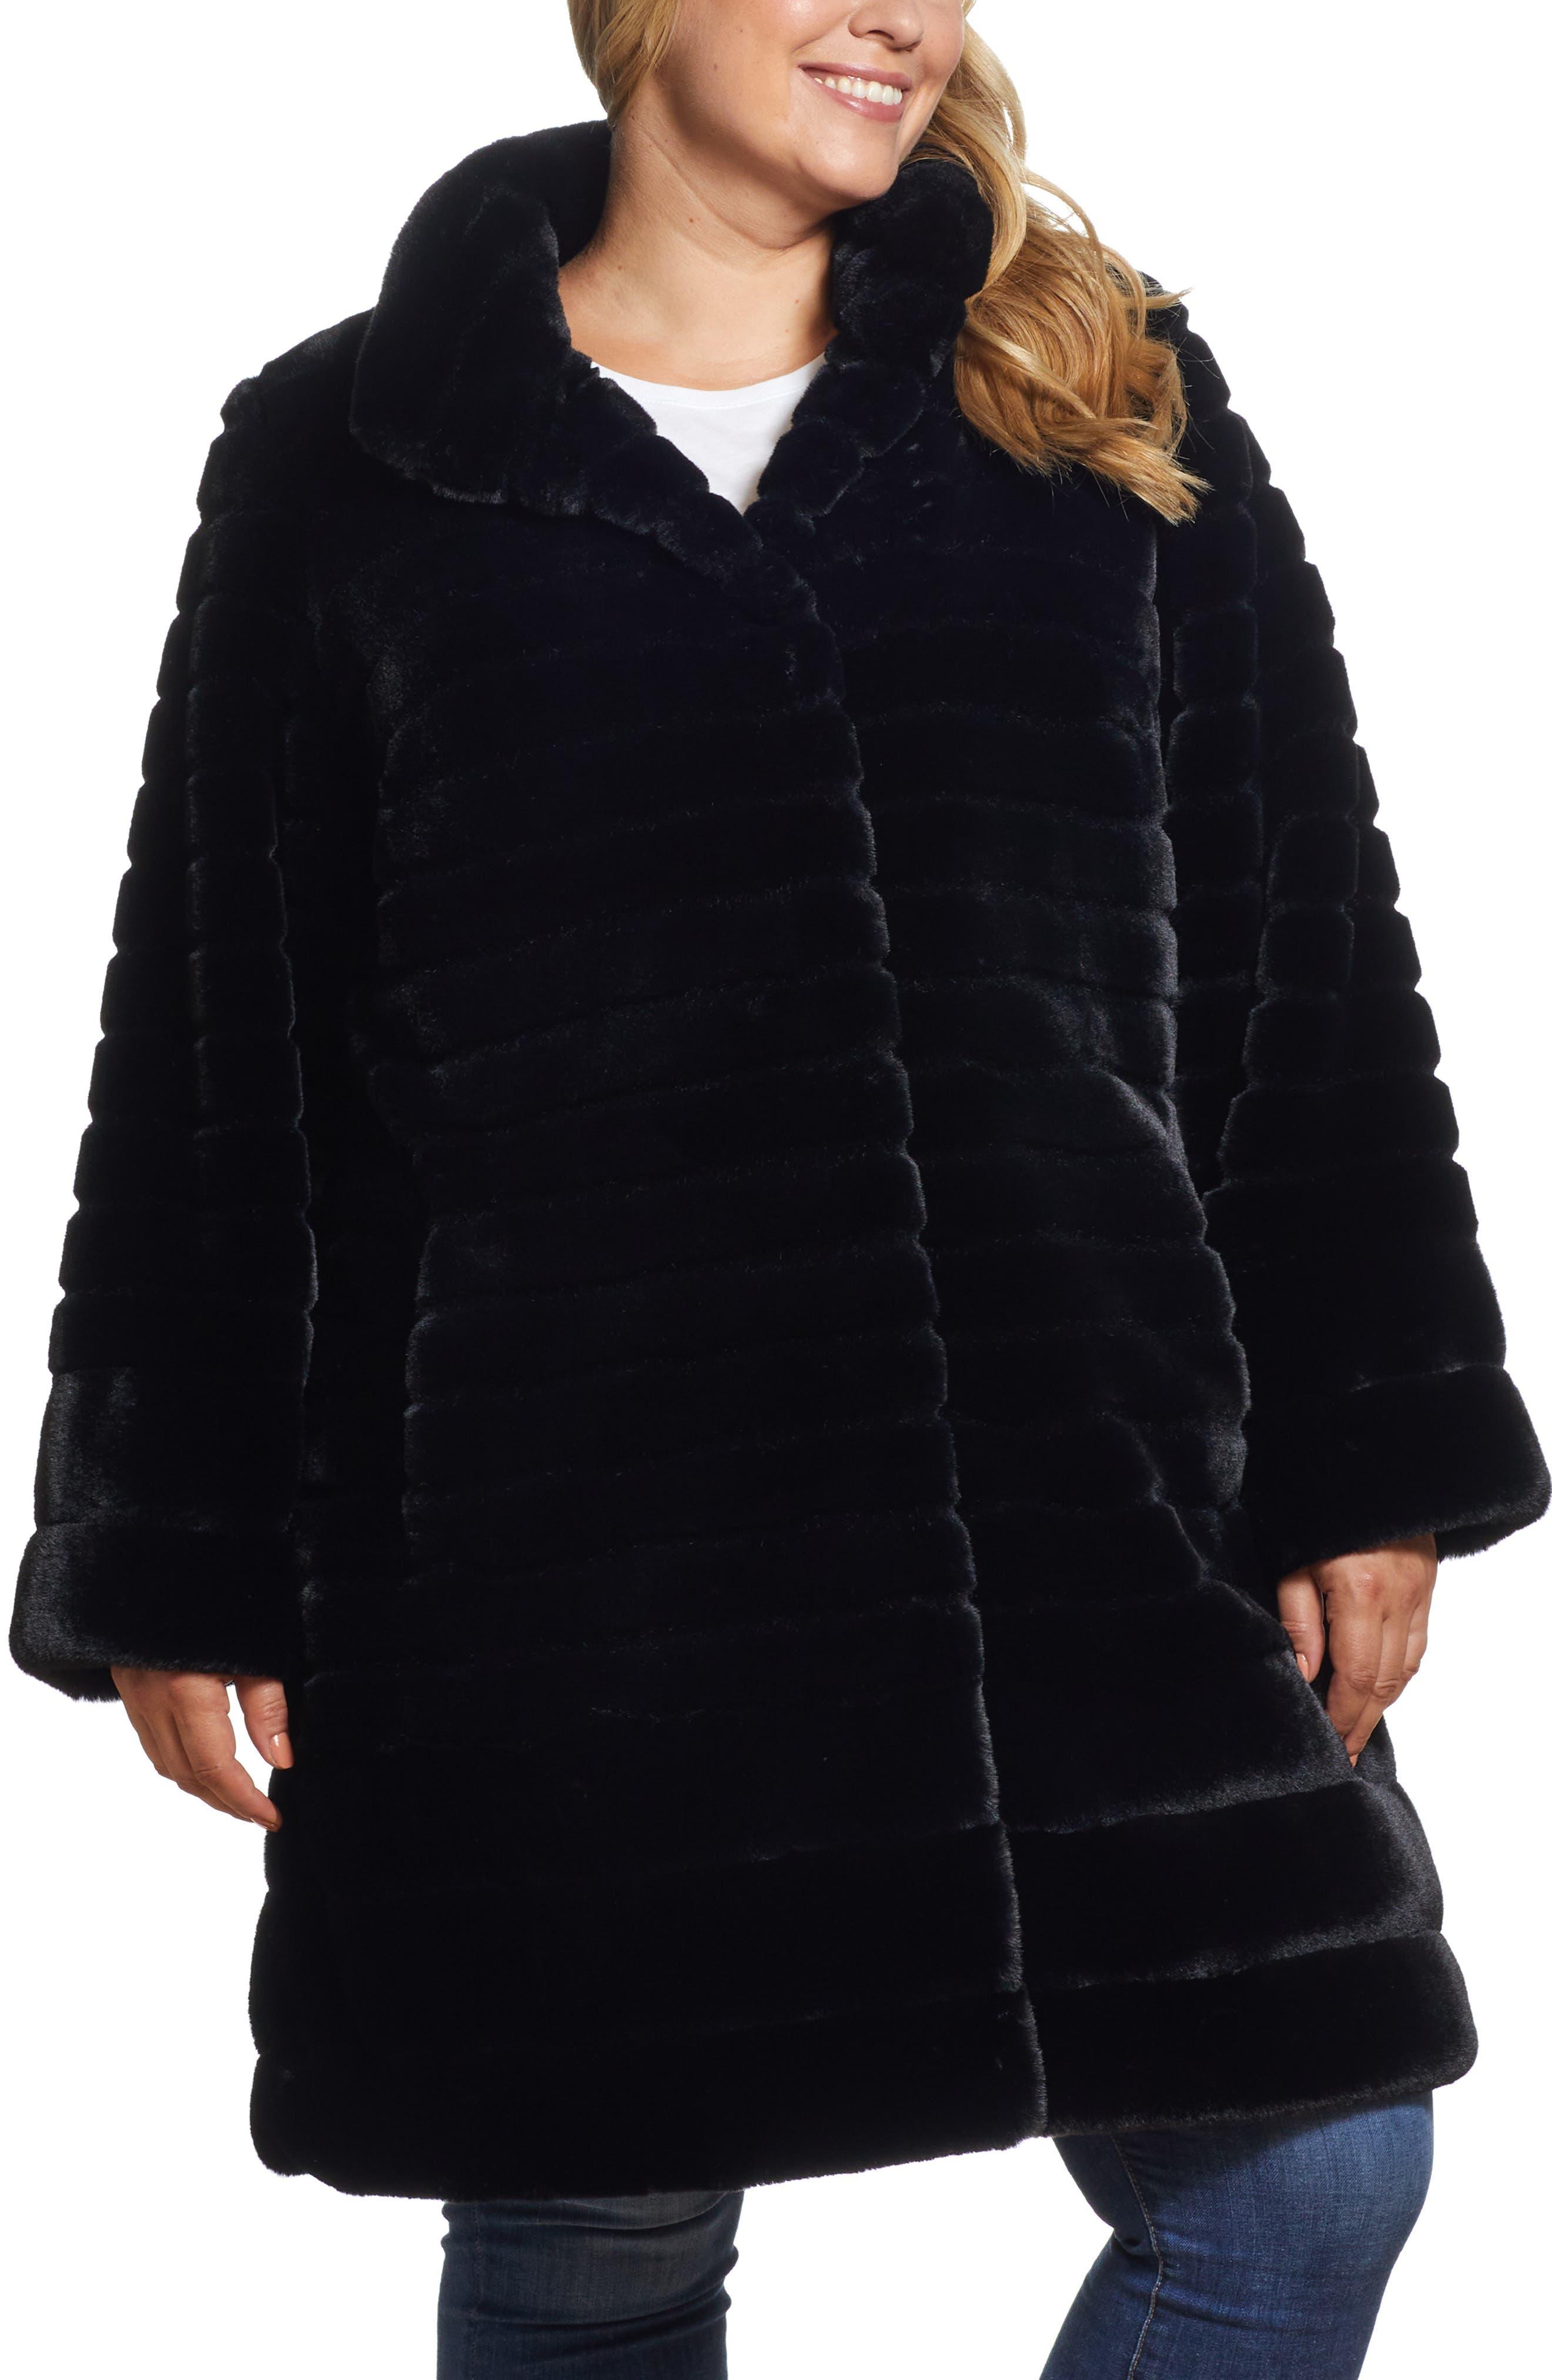 Faux Fur Swing Jacket